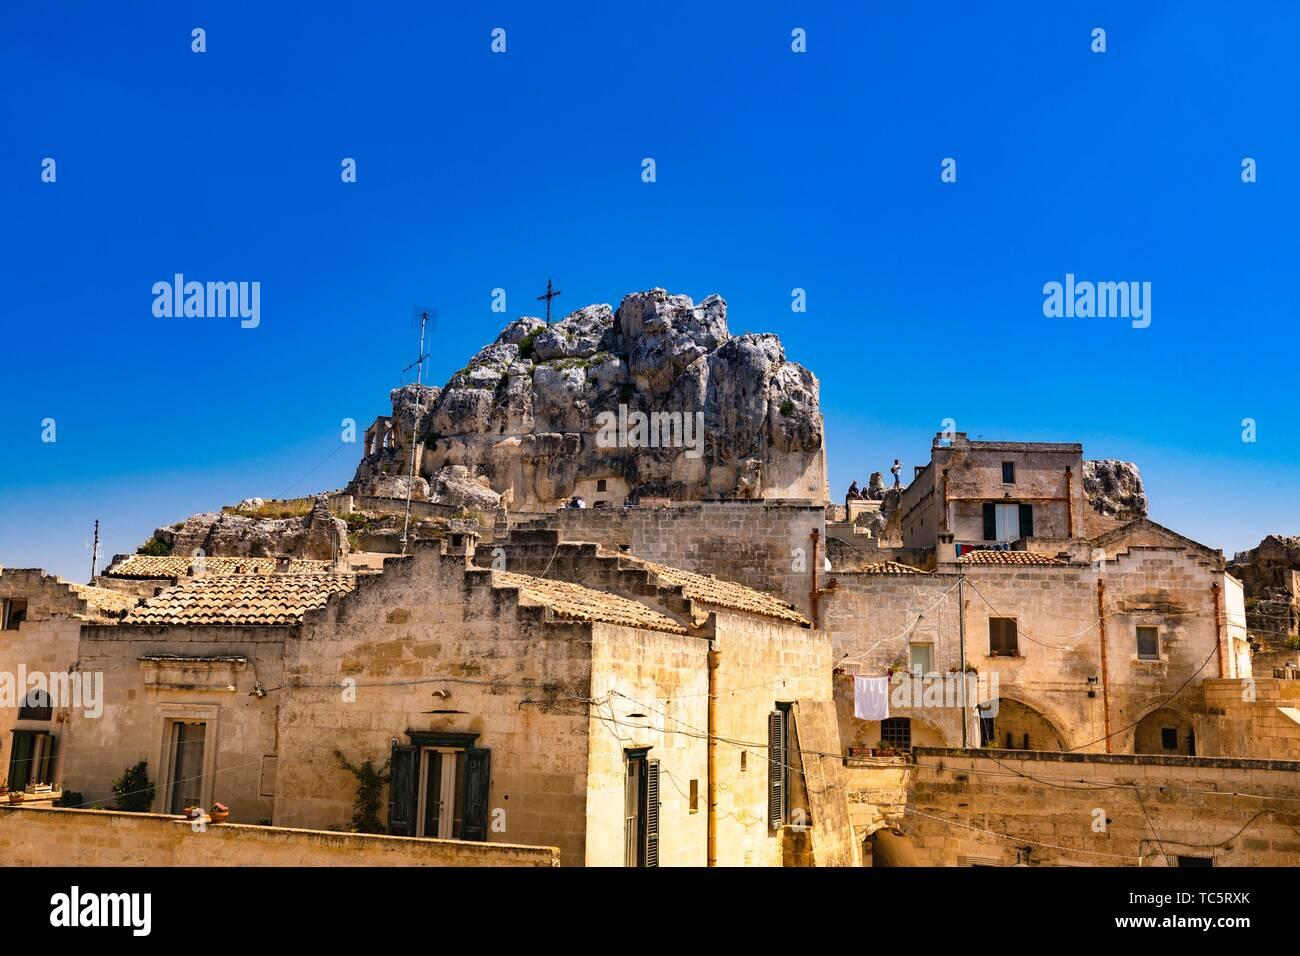 Exterior rural church Santa Lucia alle Malve Matera Italy Stock Photo